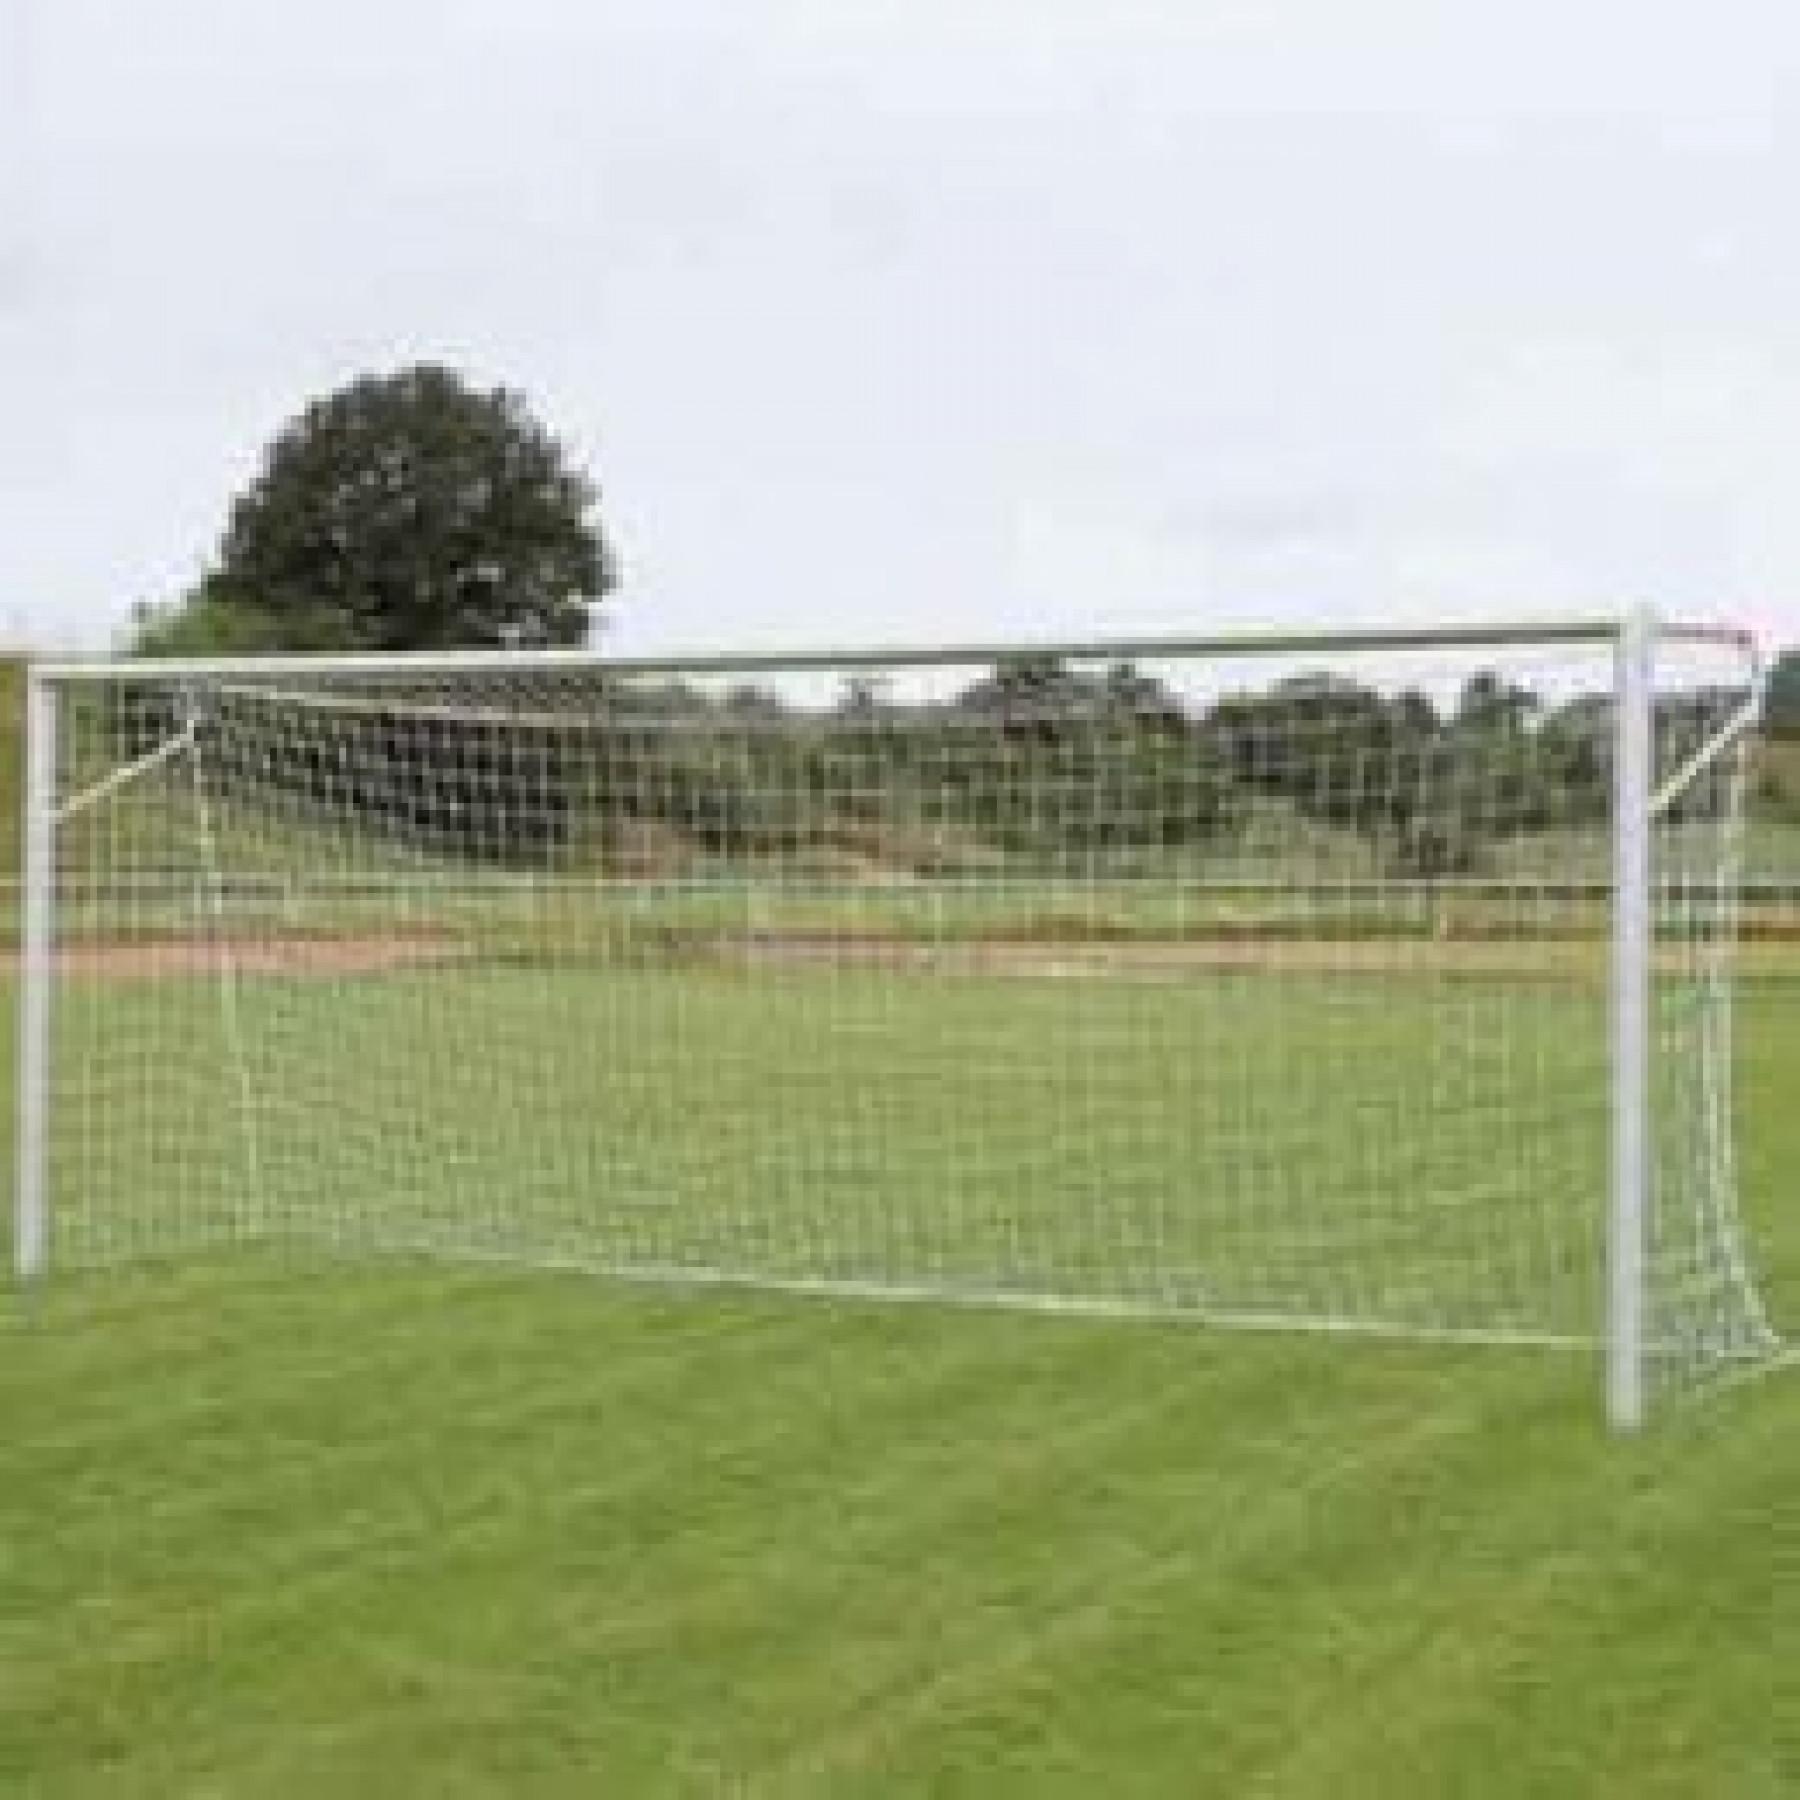 soccer goal net 6x2,10m standard 2mm Power Shot